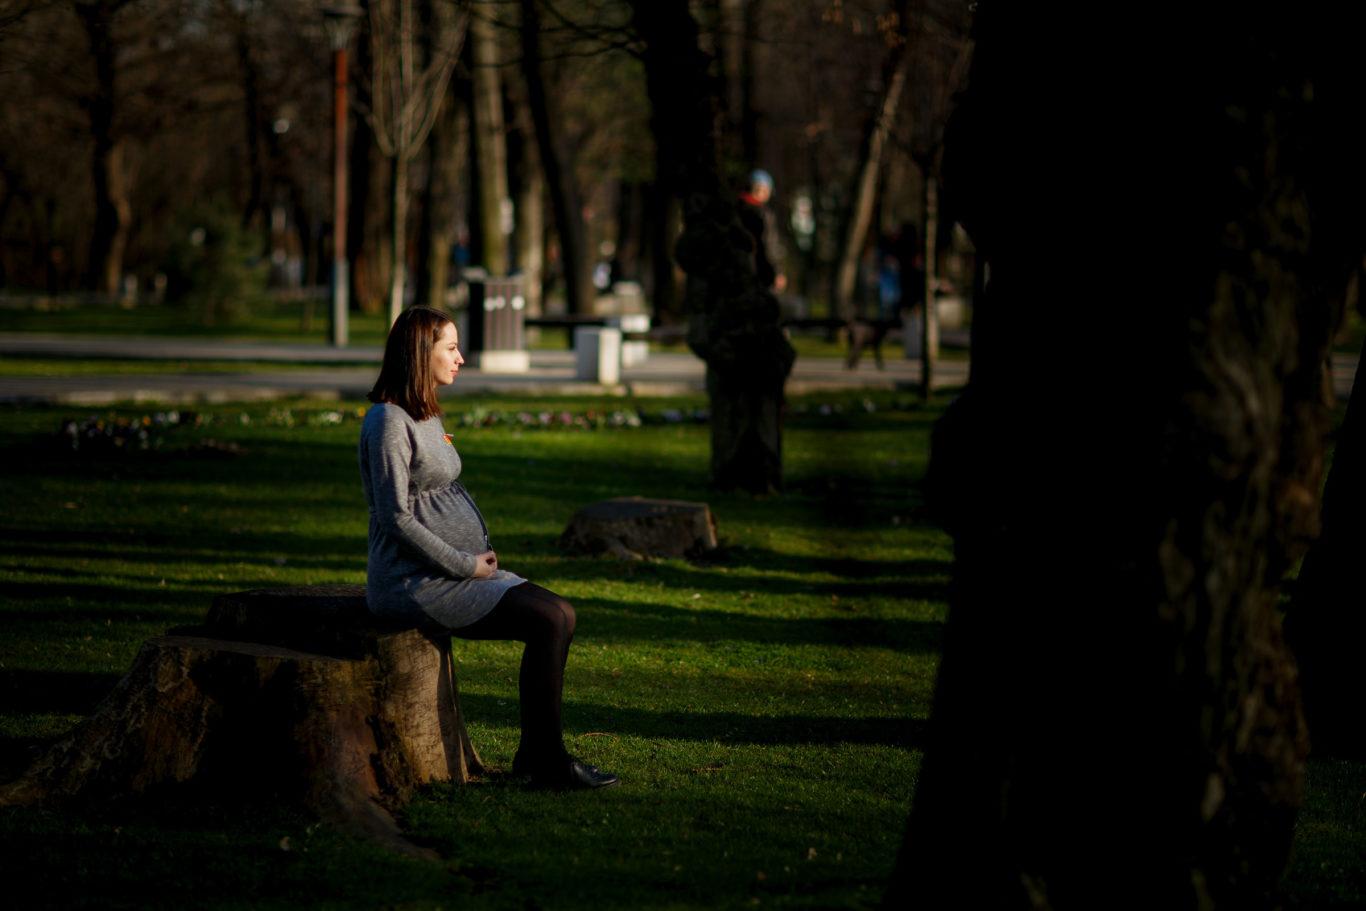 0062-Fotografii-maternitate-Cristina-fotograf-Ciprian-Dumitrescu-DCF_7723